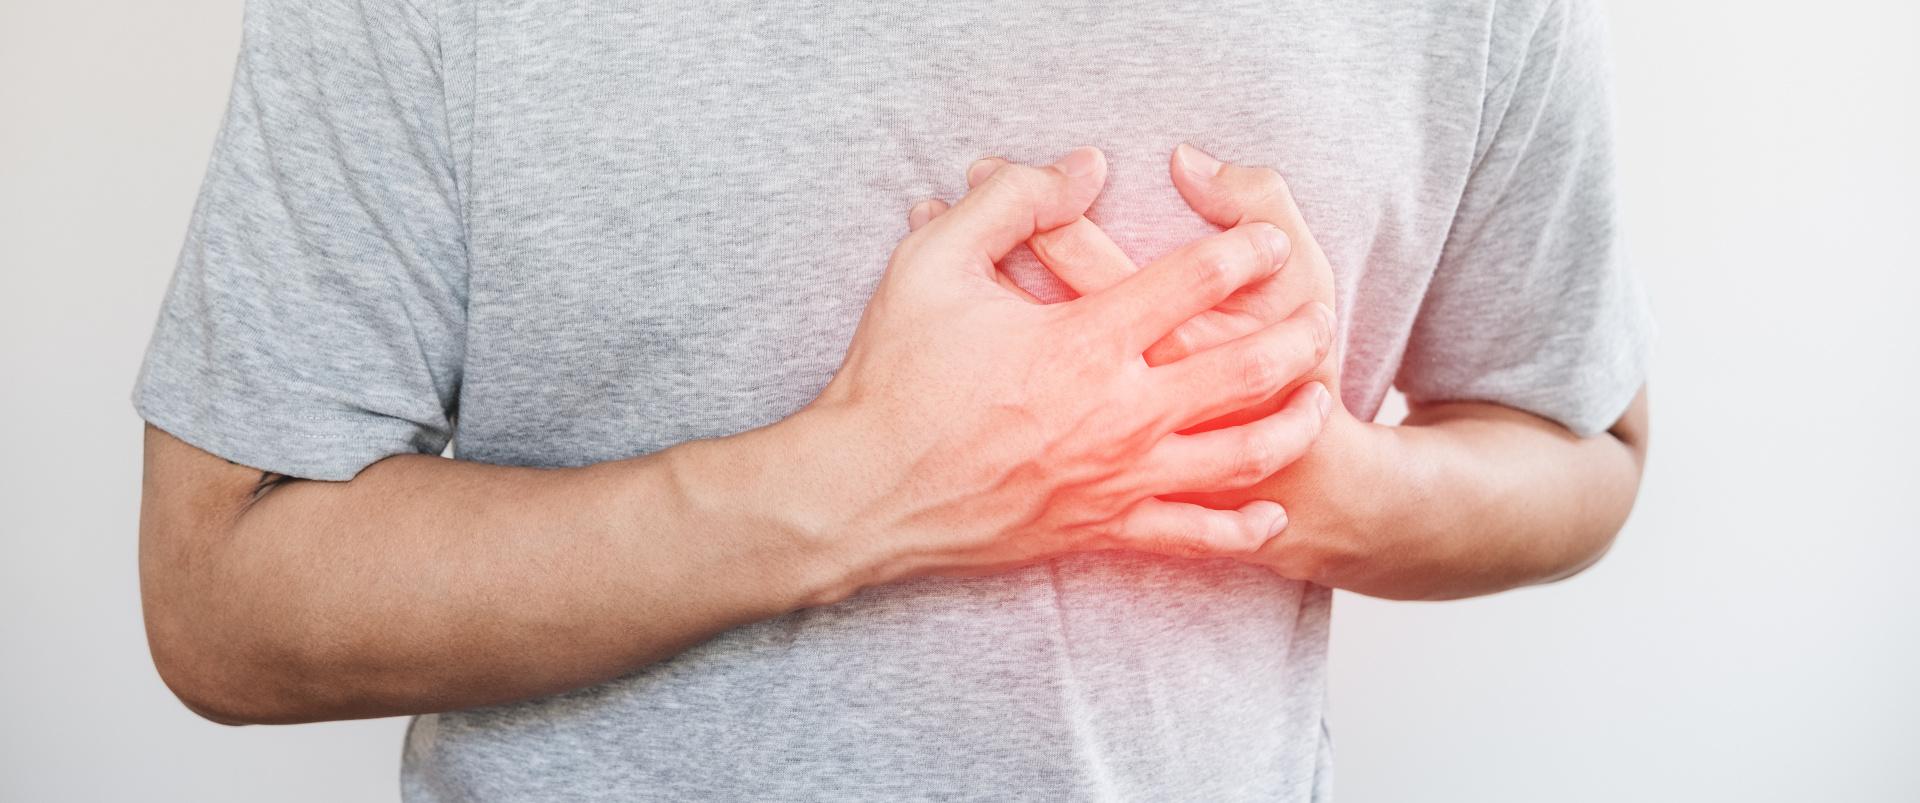 Kołatanie serca - palpitacje serca